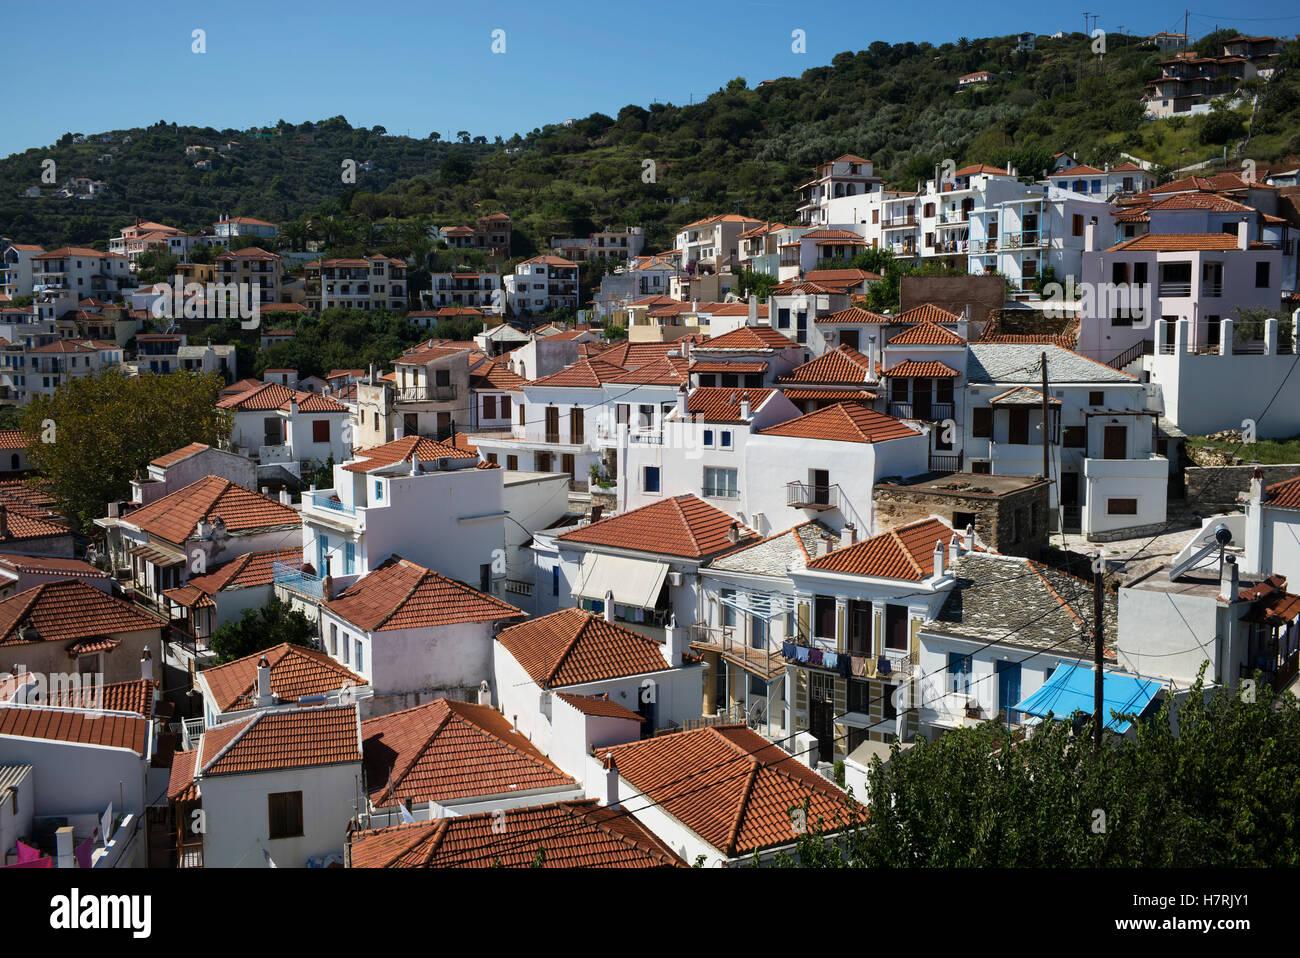 Case bianco marrone con tetti di piastrelle in un villaggio su un